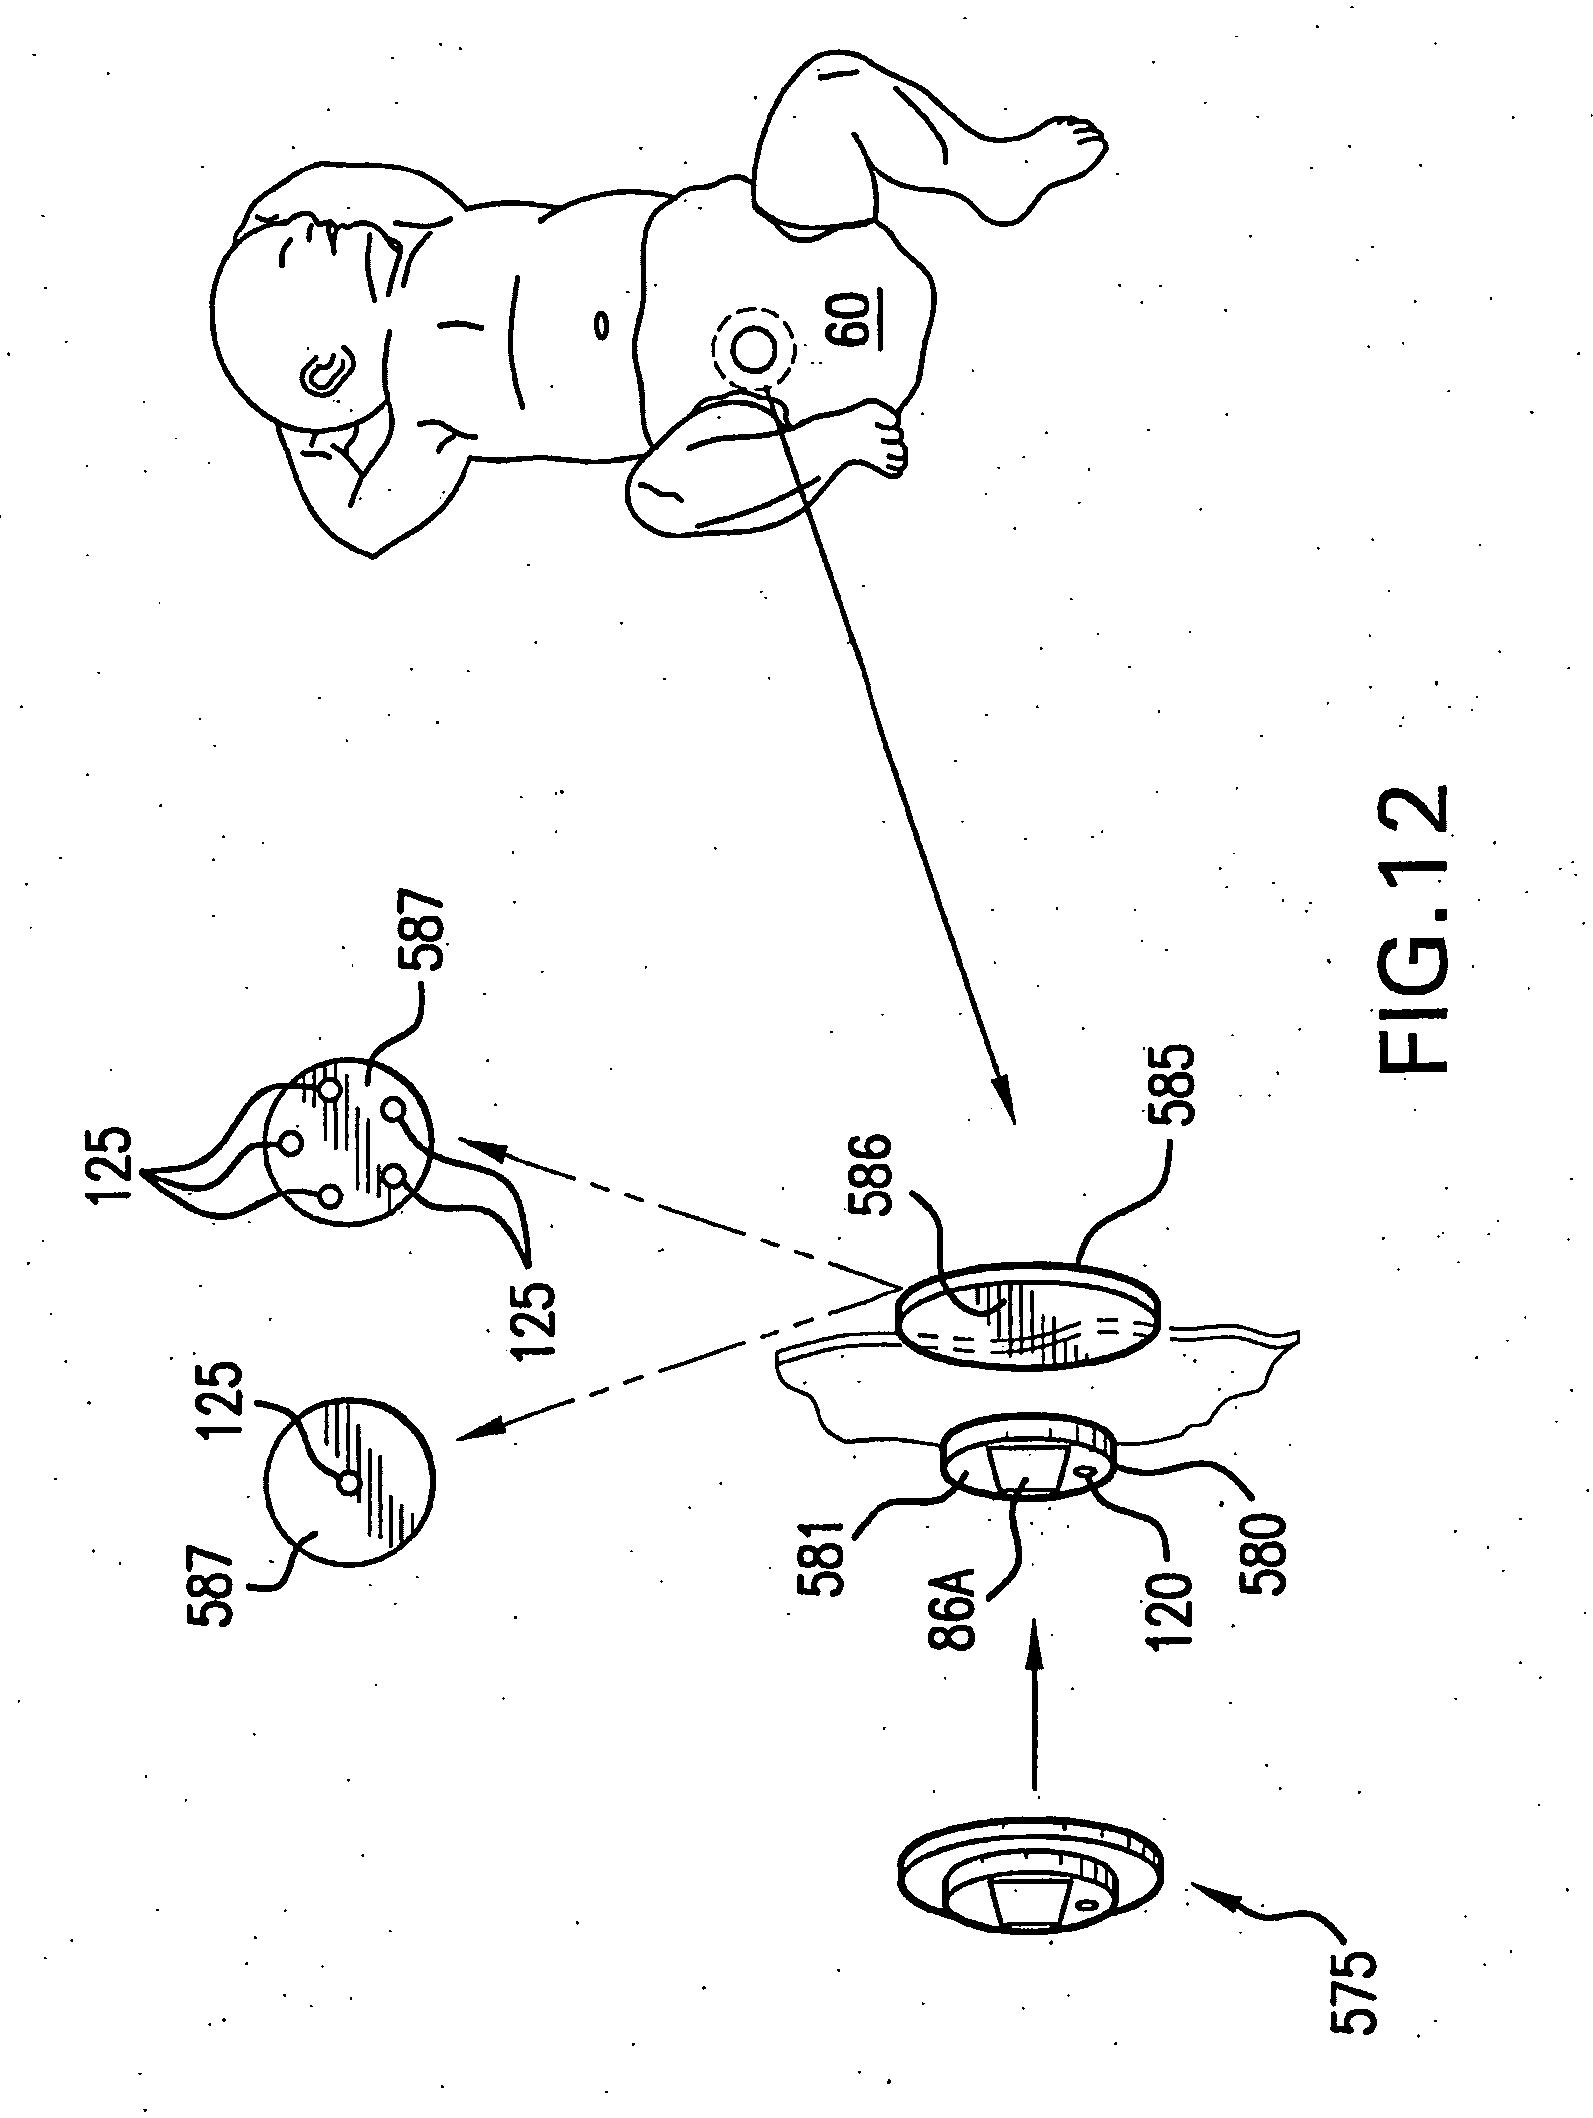 pam relay wiring diagram pam wiring diagram free